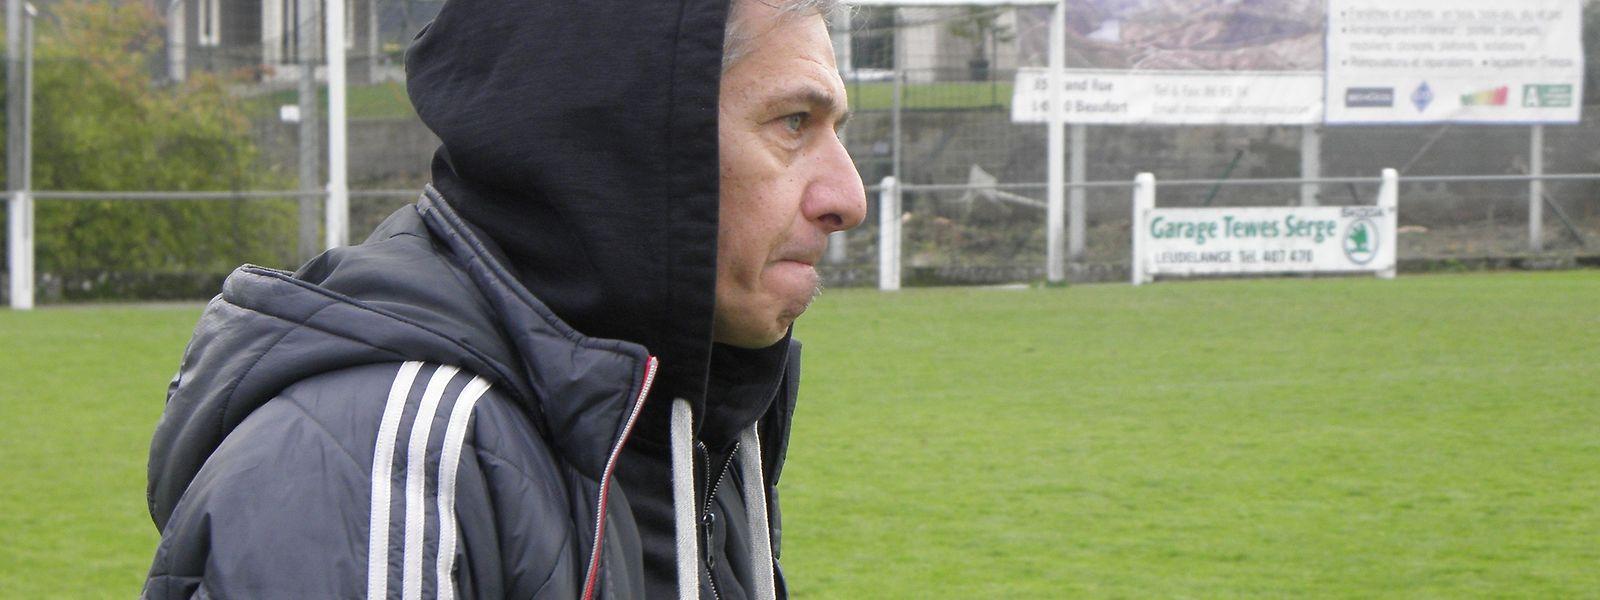 Michel Nilles a relevé le challenge de Christnach.